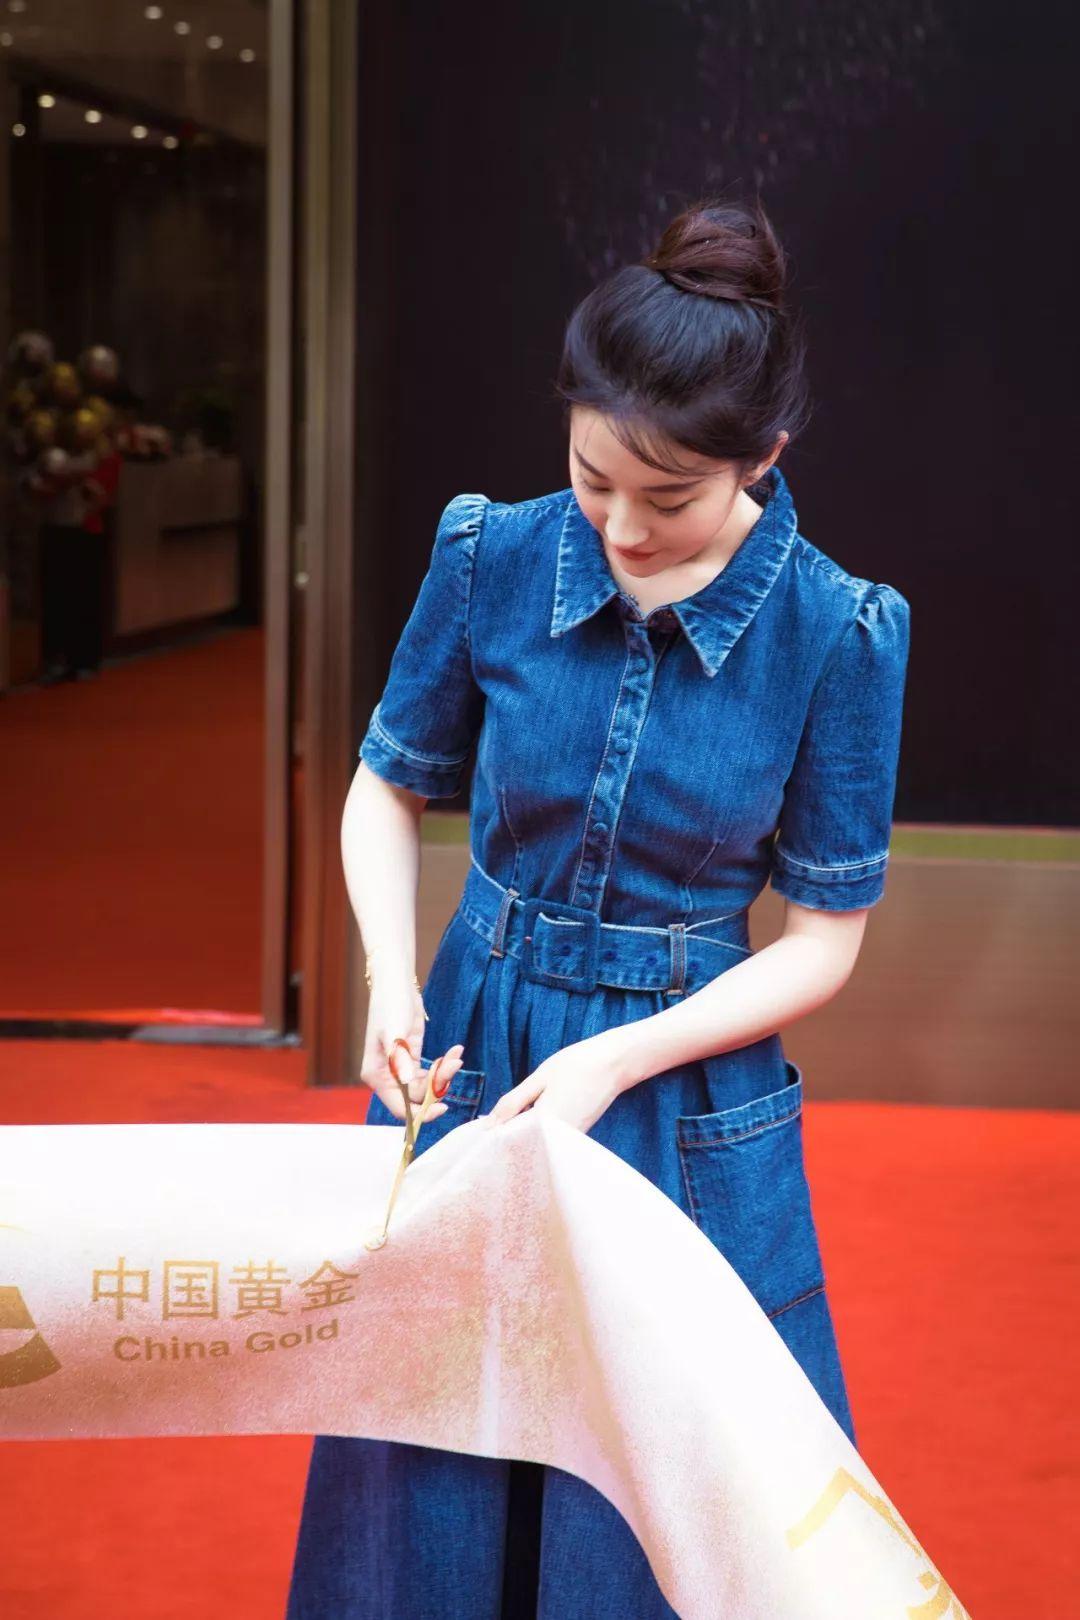 """光华流转,与刘亦菲共赴""""黄金之约""""-第12张图片"""